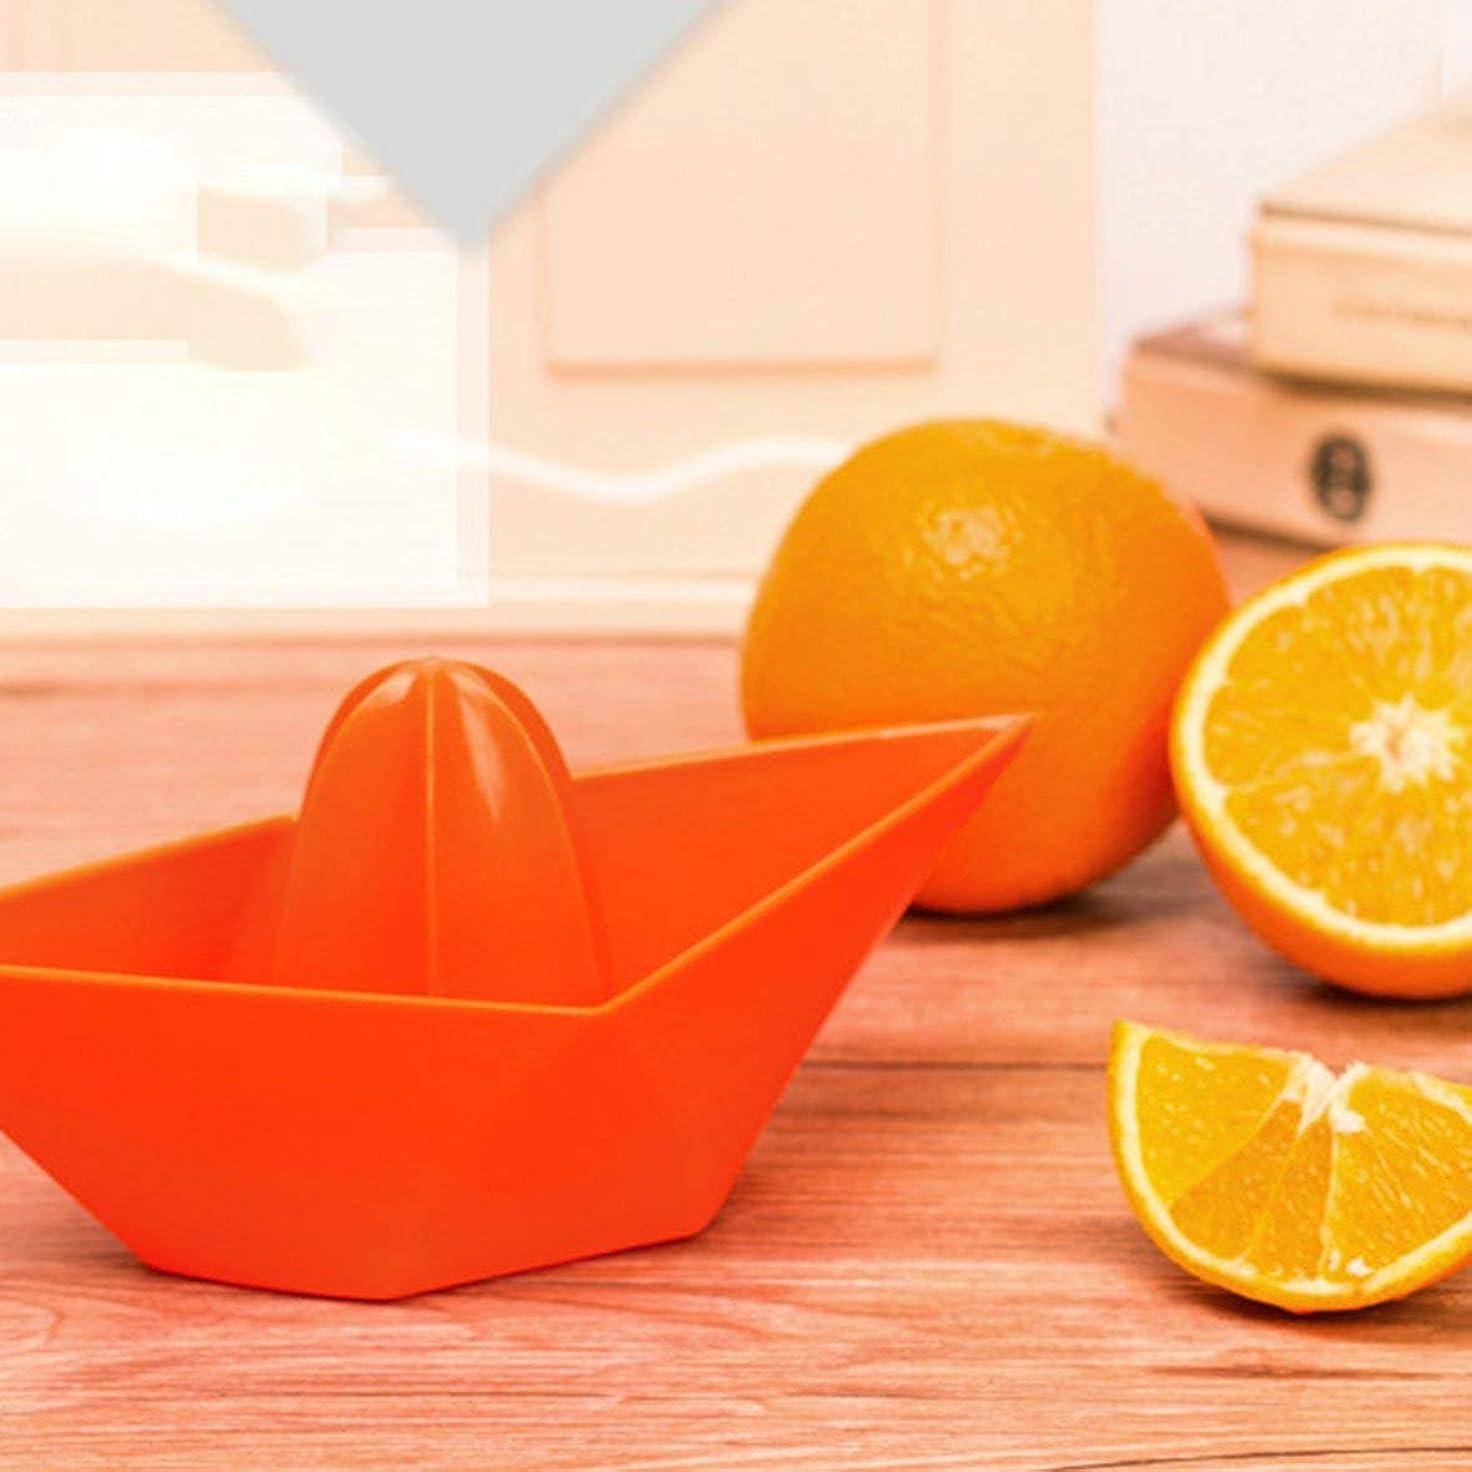 マーティンルーサーキングジュニア対処うなるTivollyff ミニマニュアルボートジューサーオレンジ毎日家庭用品健康と美容パーソナルケア製品を供給します